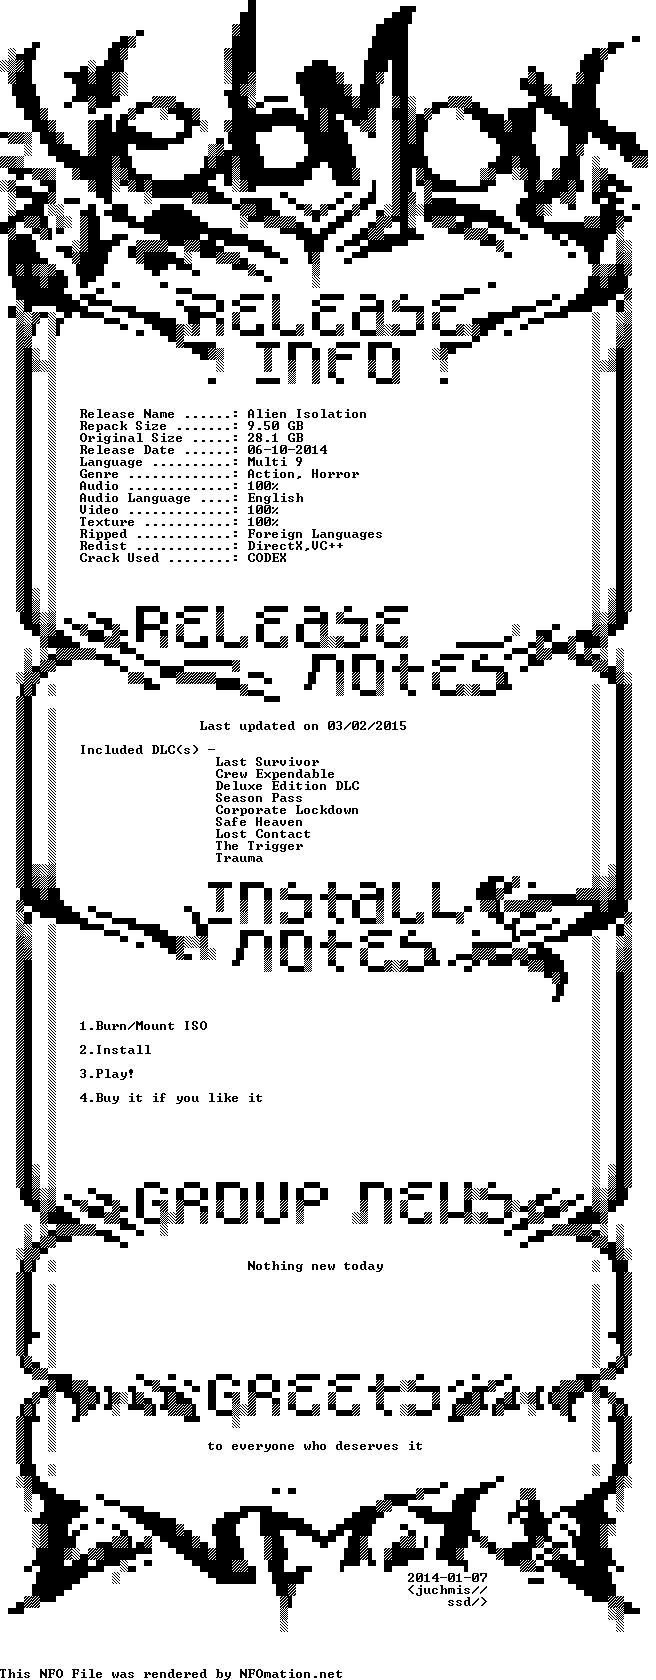 Download Alien.Isolation.Repack[Update 8][7 DLC]-VEBMAX